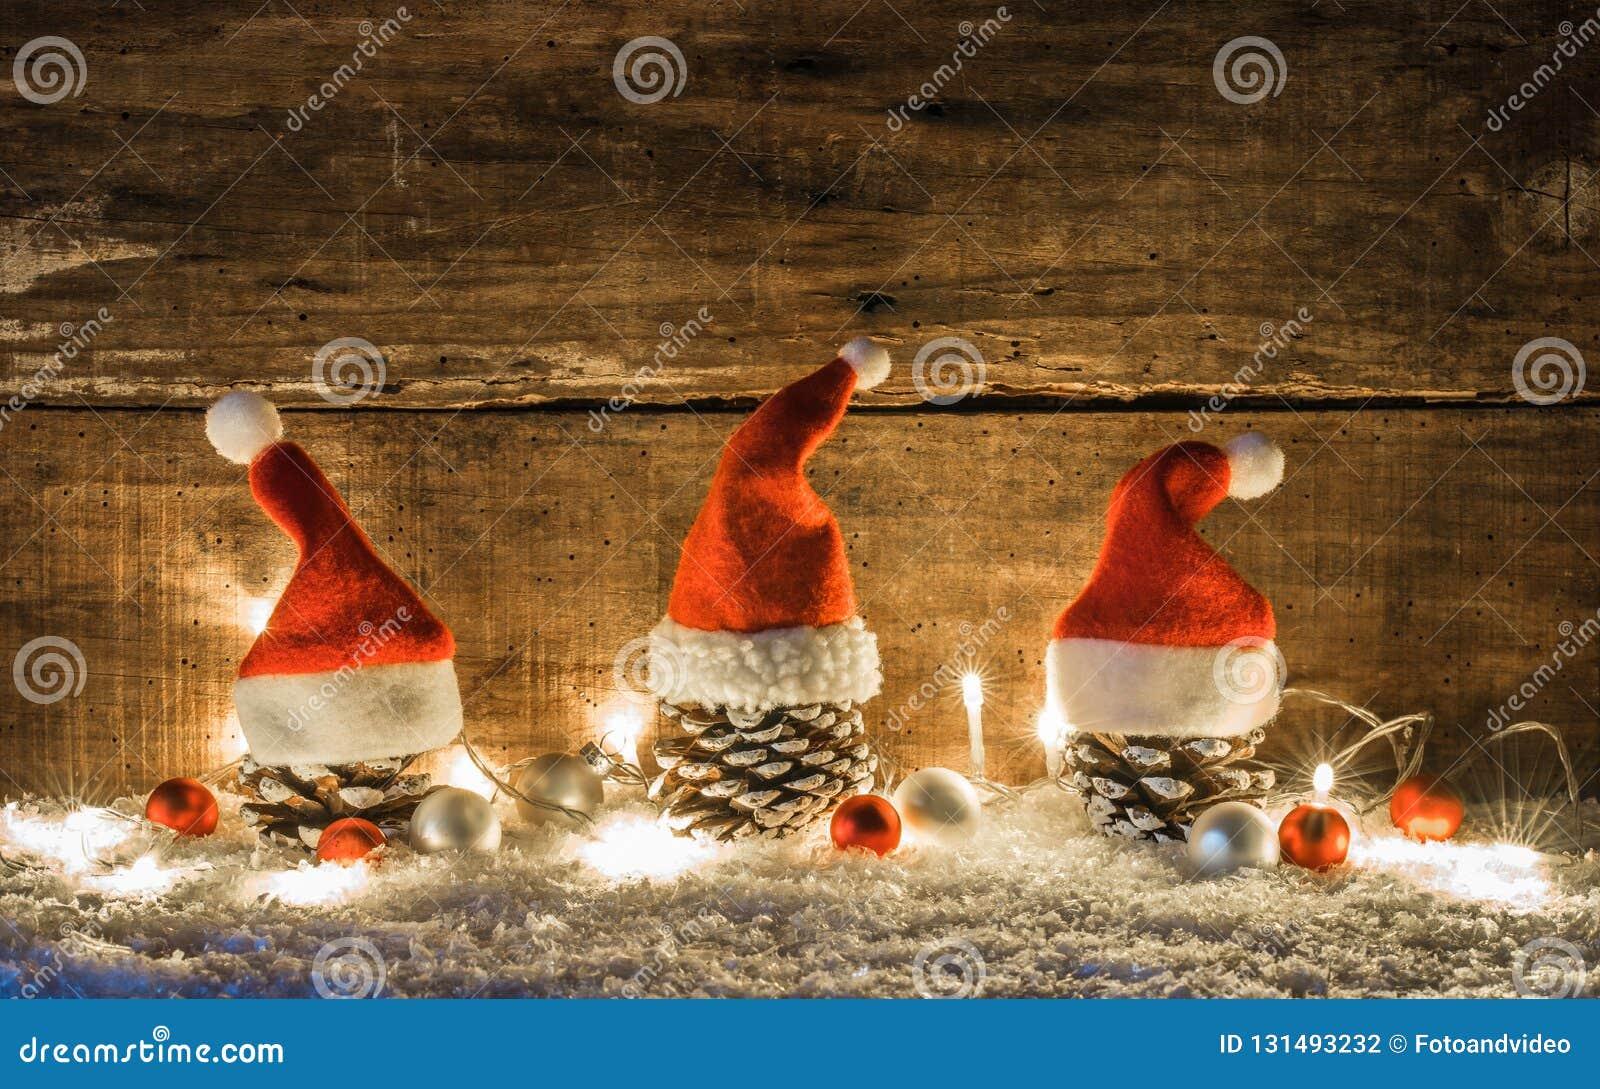 Décoration de Noël avec des cônes de pin décorés des chapeaux rouges du père noël au-dessus de la neige avec la lumière et les or